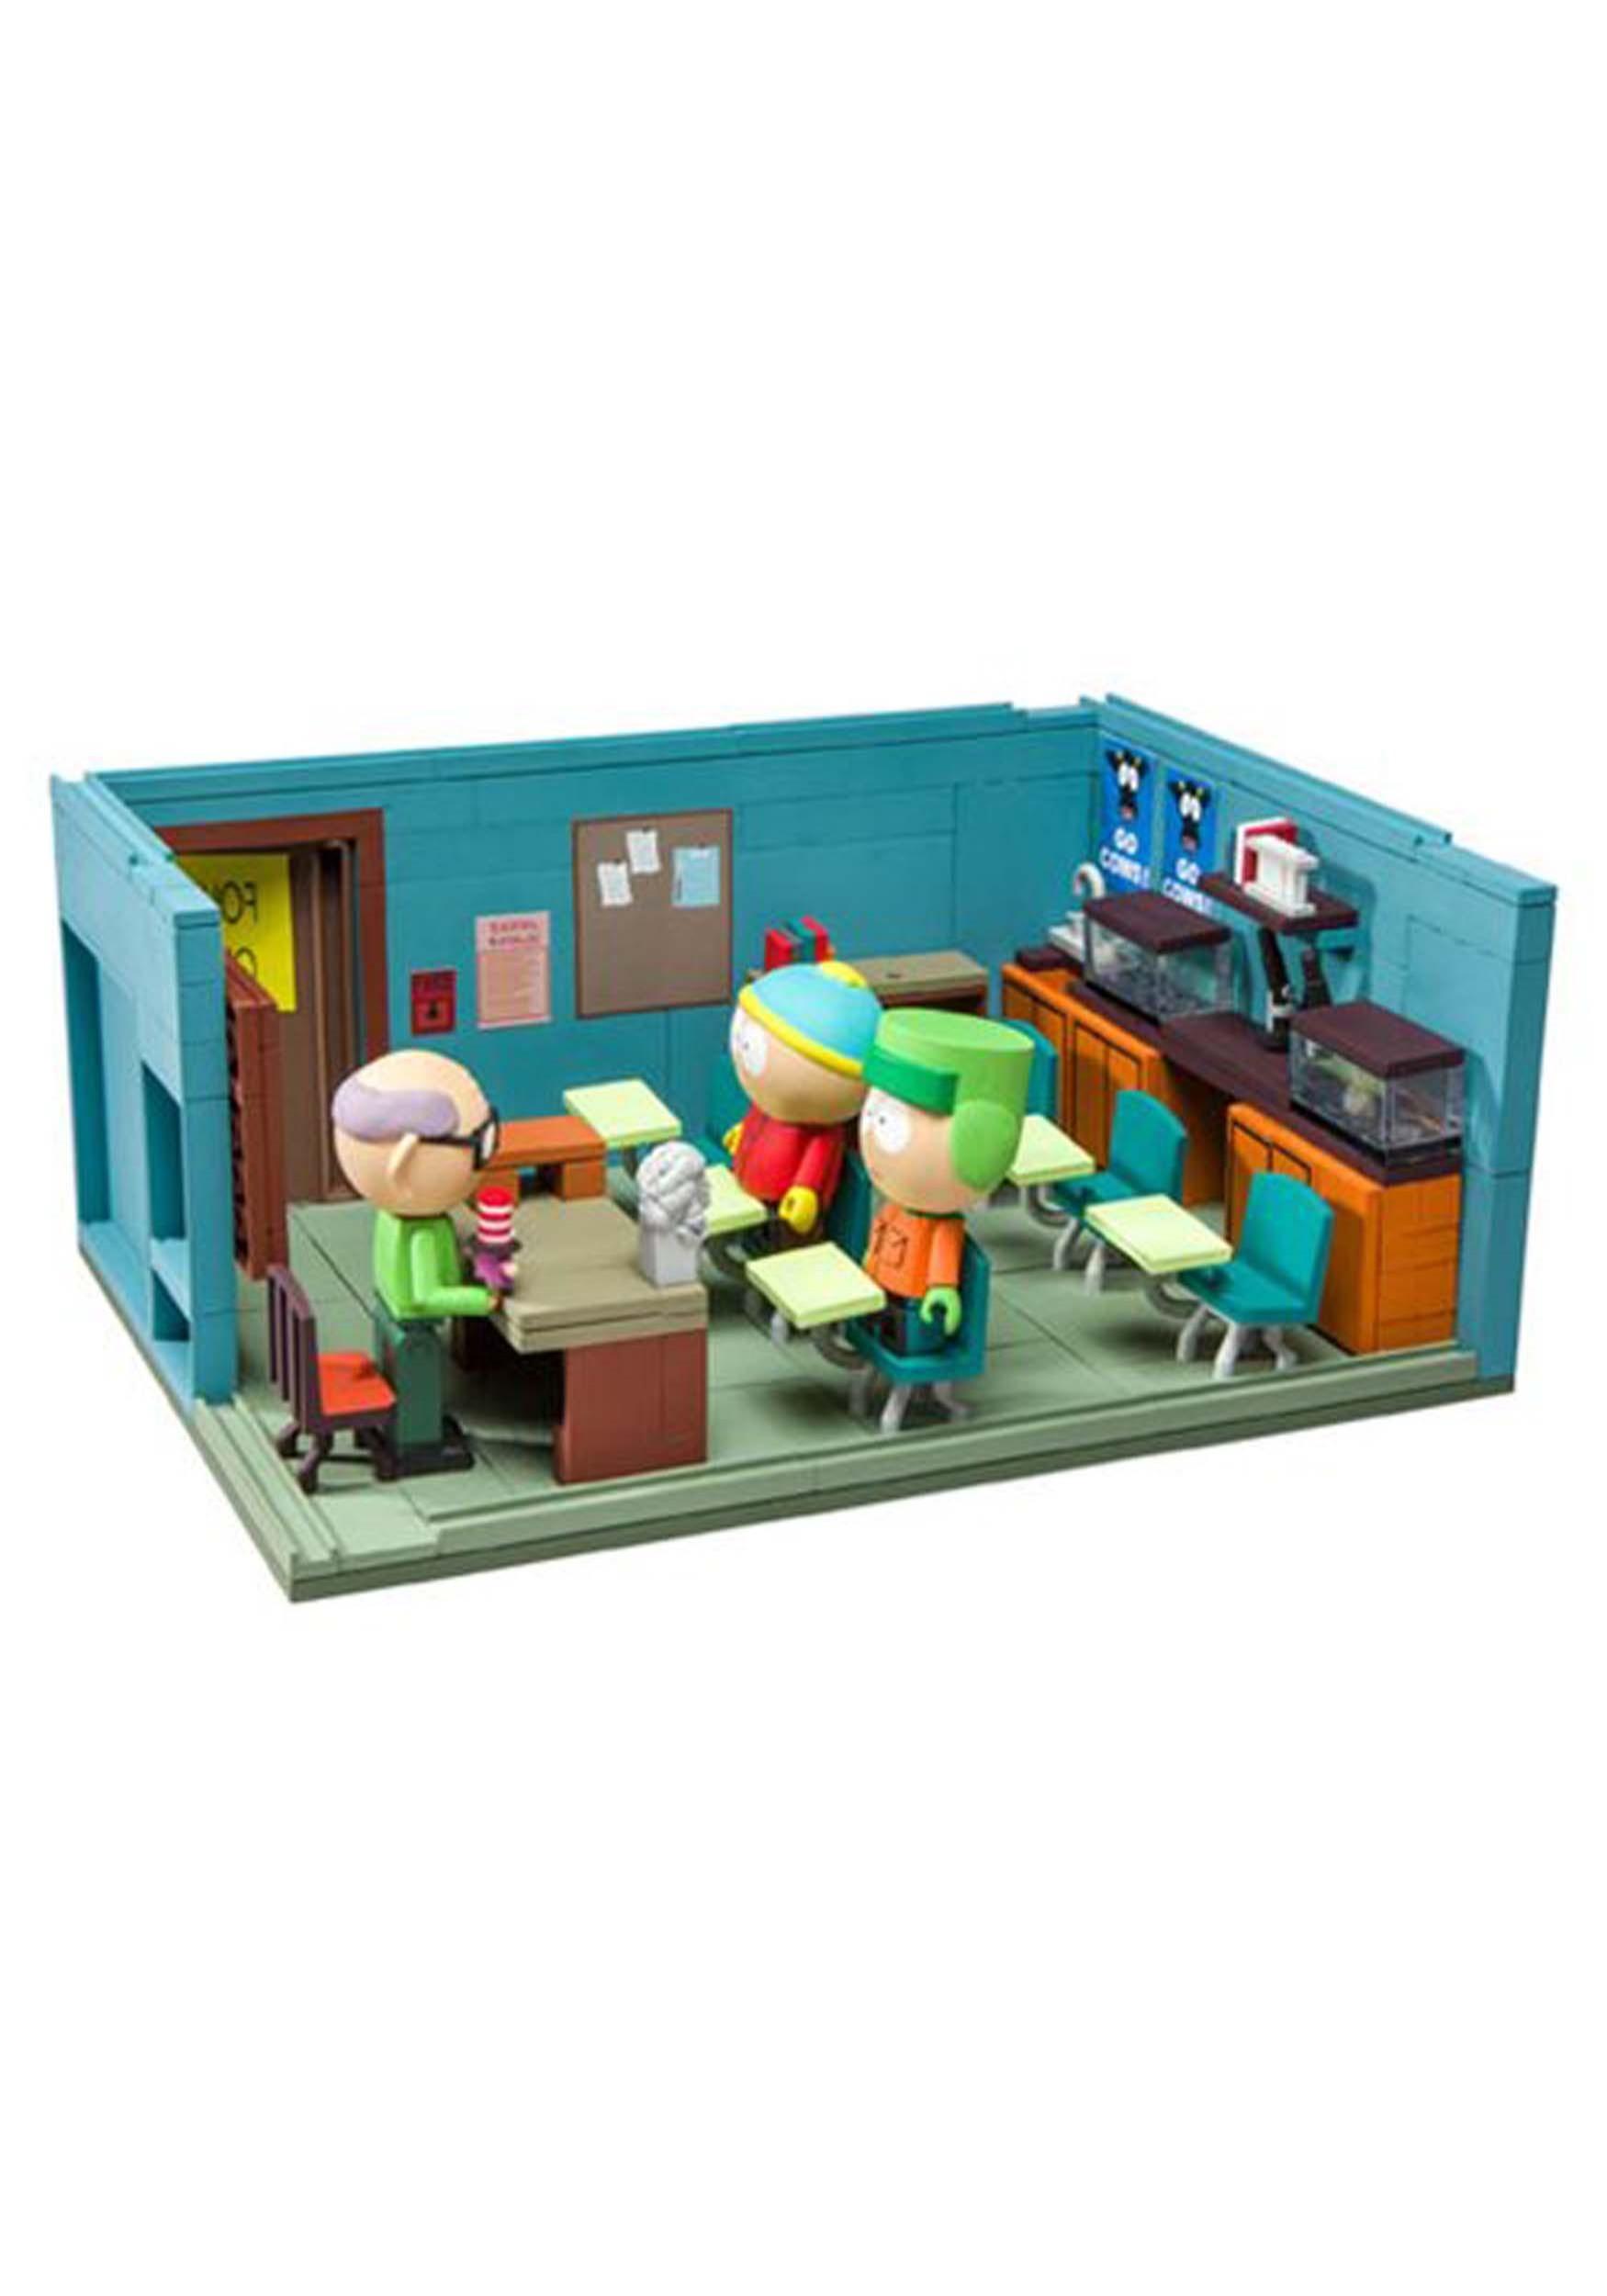 South Park Mr. Garrison Kyle and Cartman Classroom Construction Set